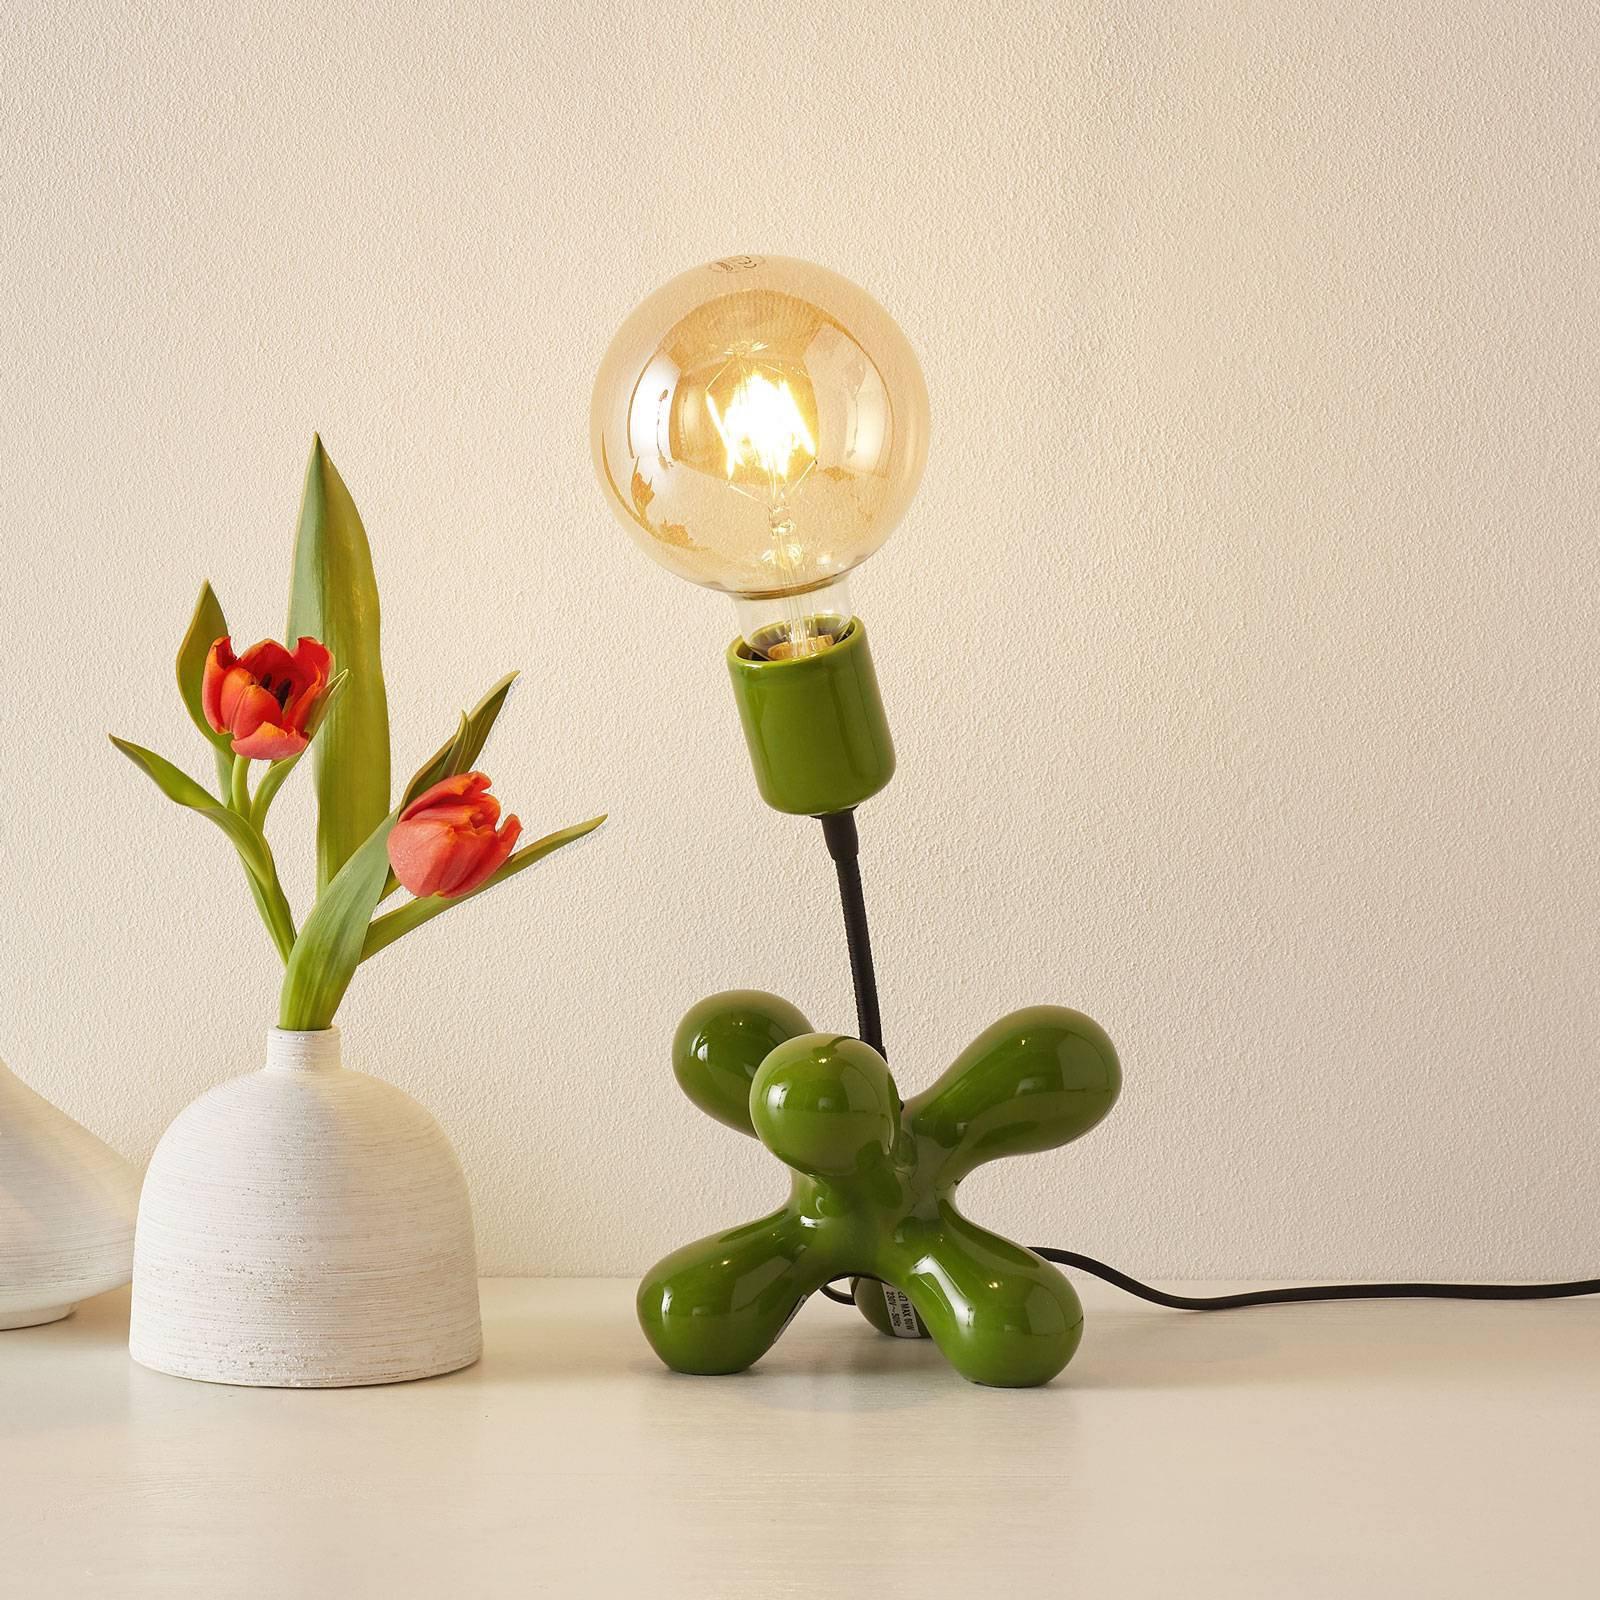 Keramisk bordlampe L181 med fleksarm, grønn blank